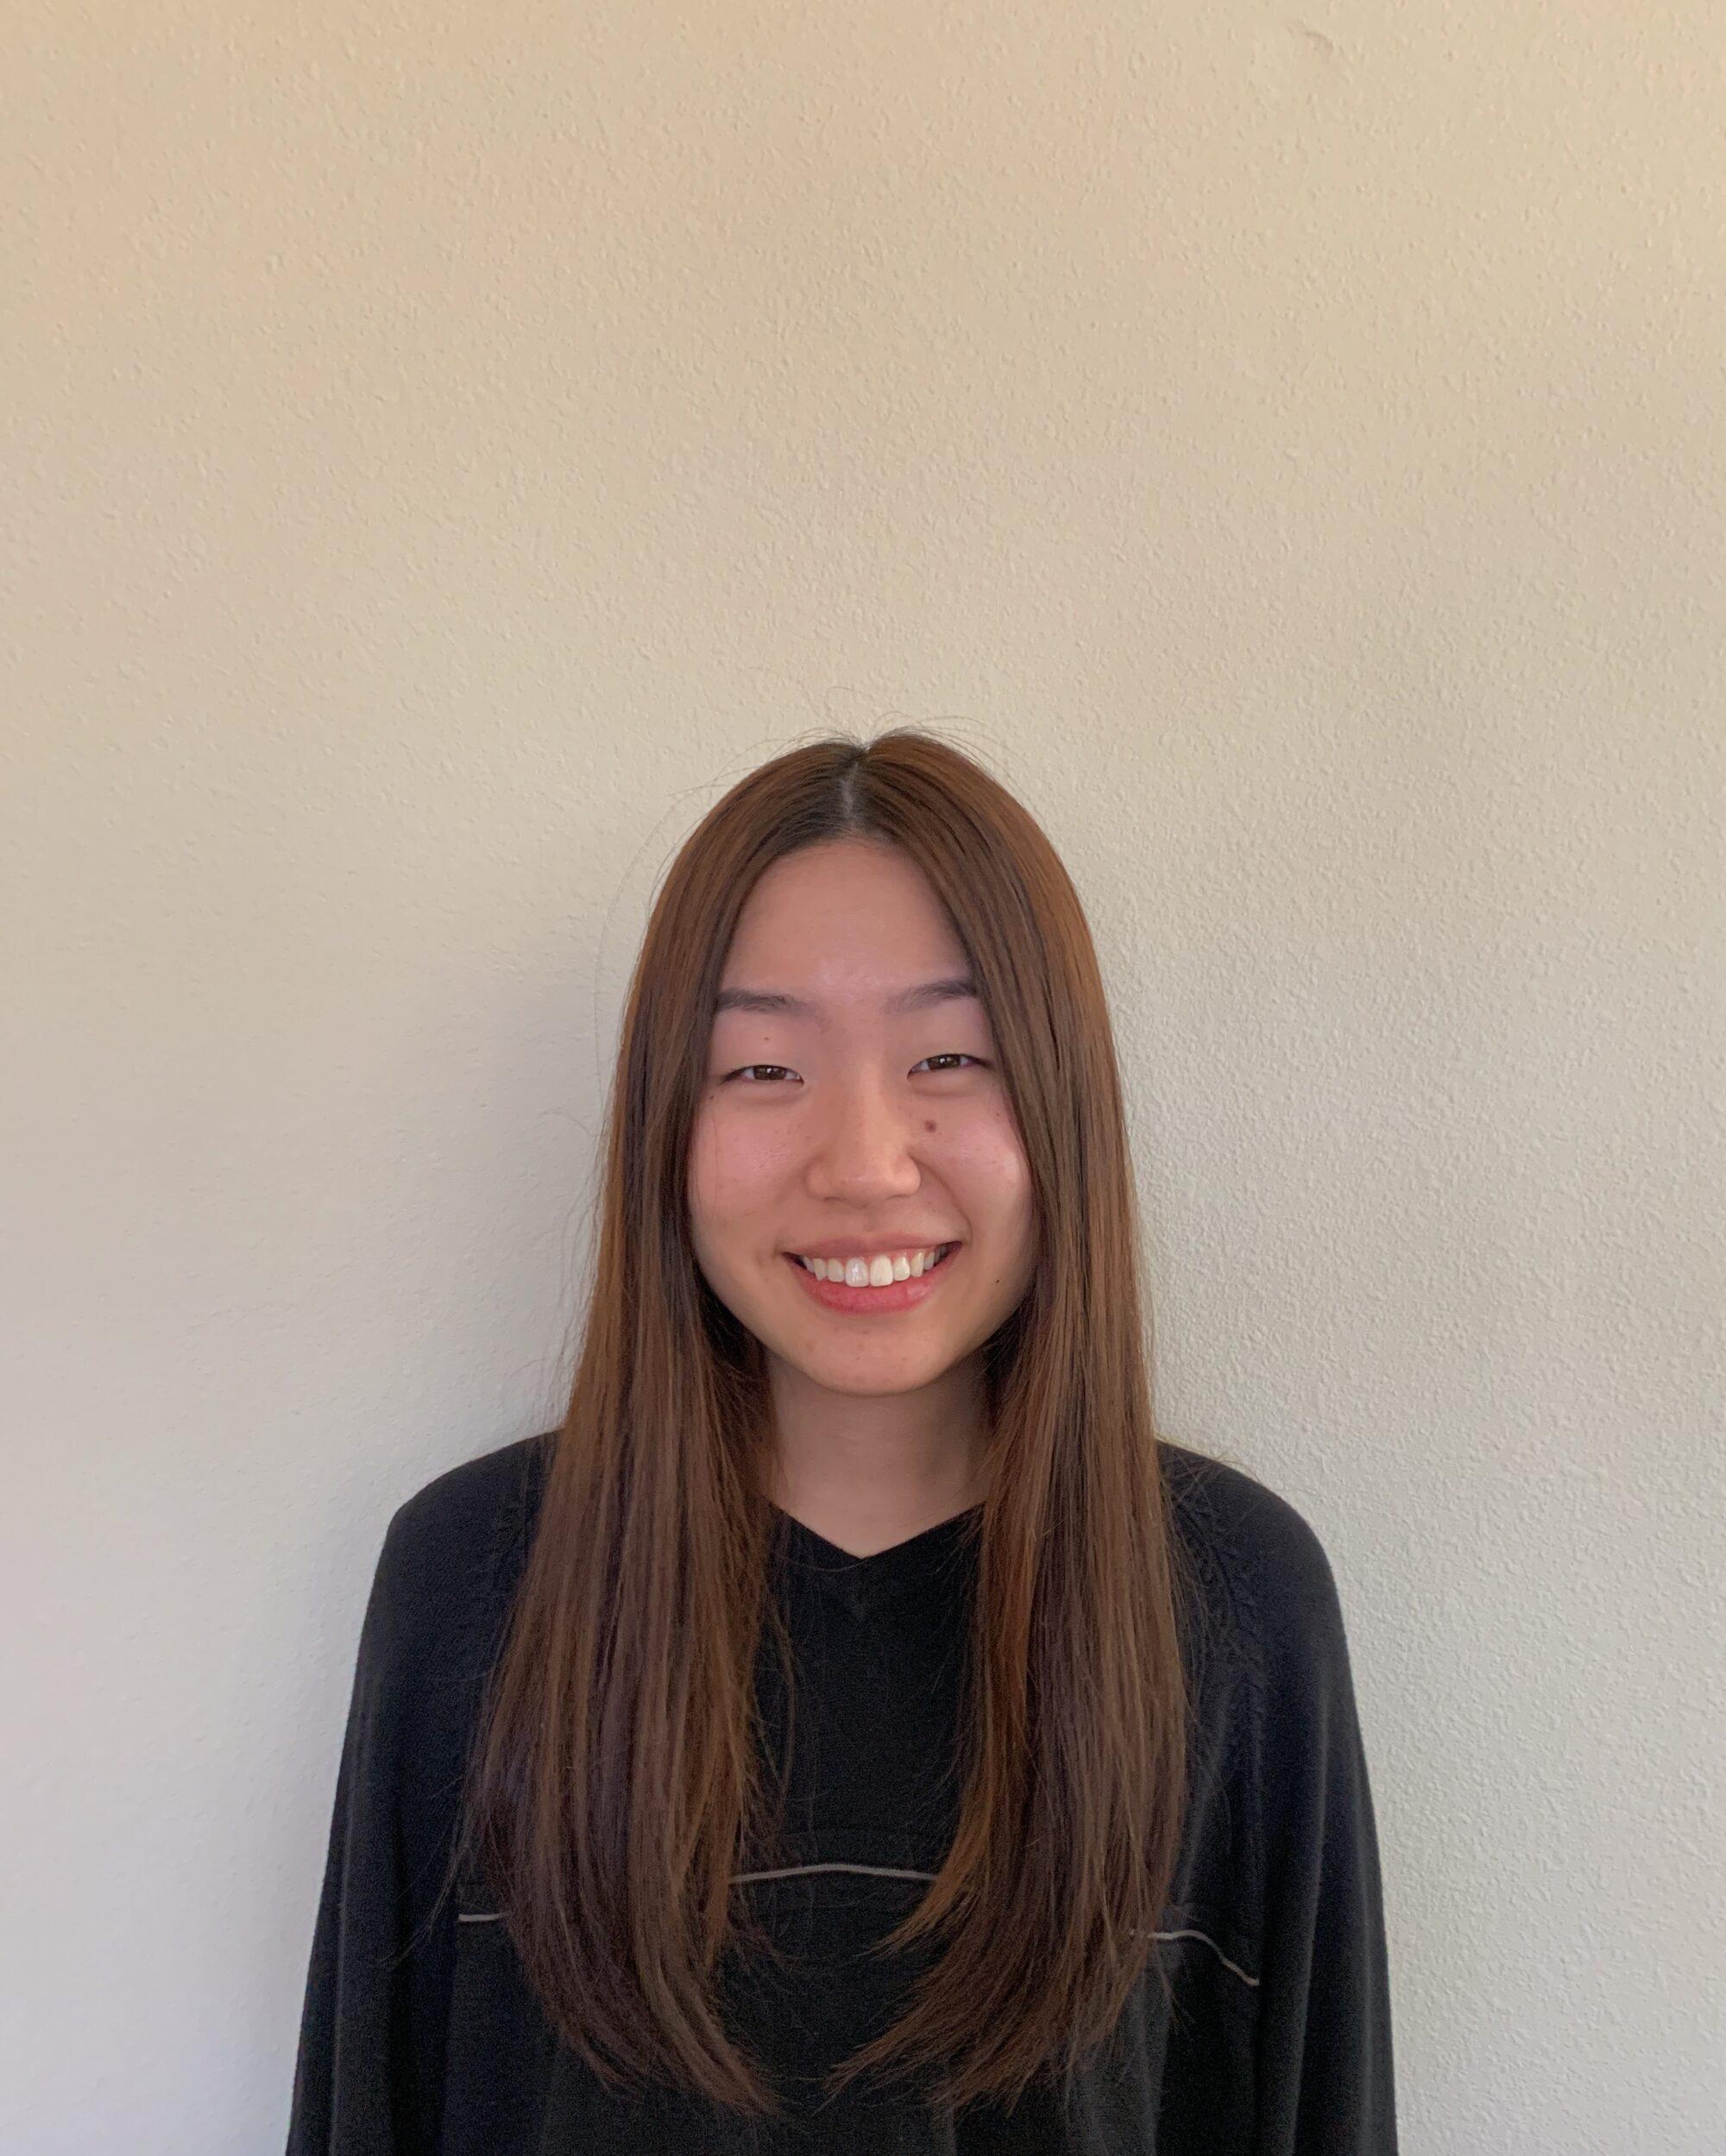 Jillian Chang